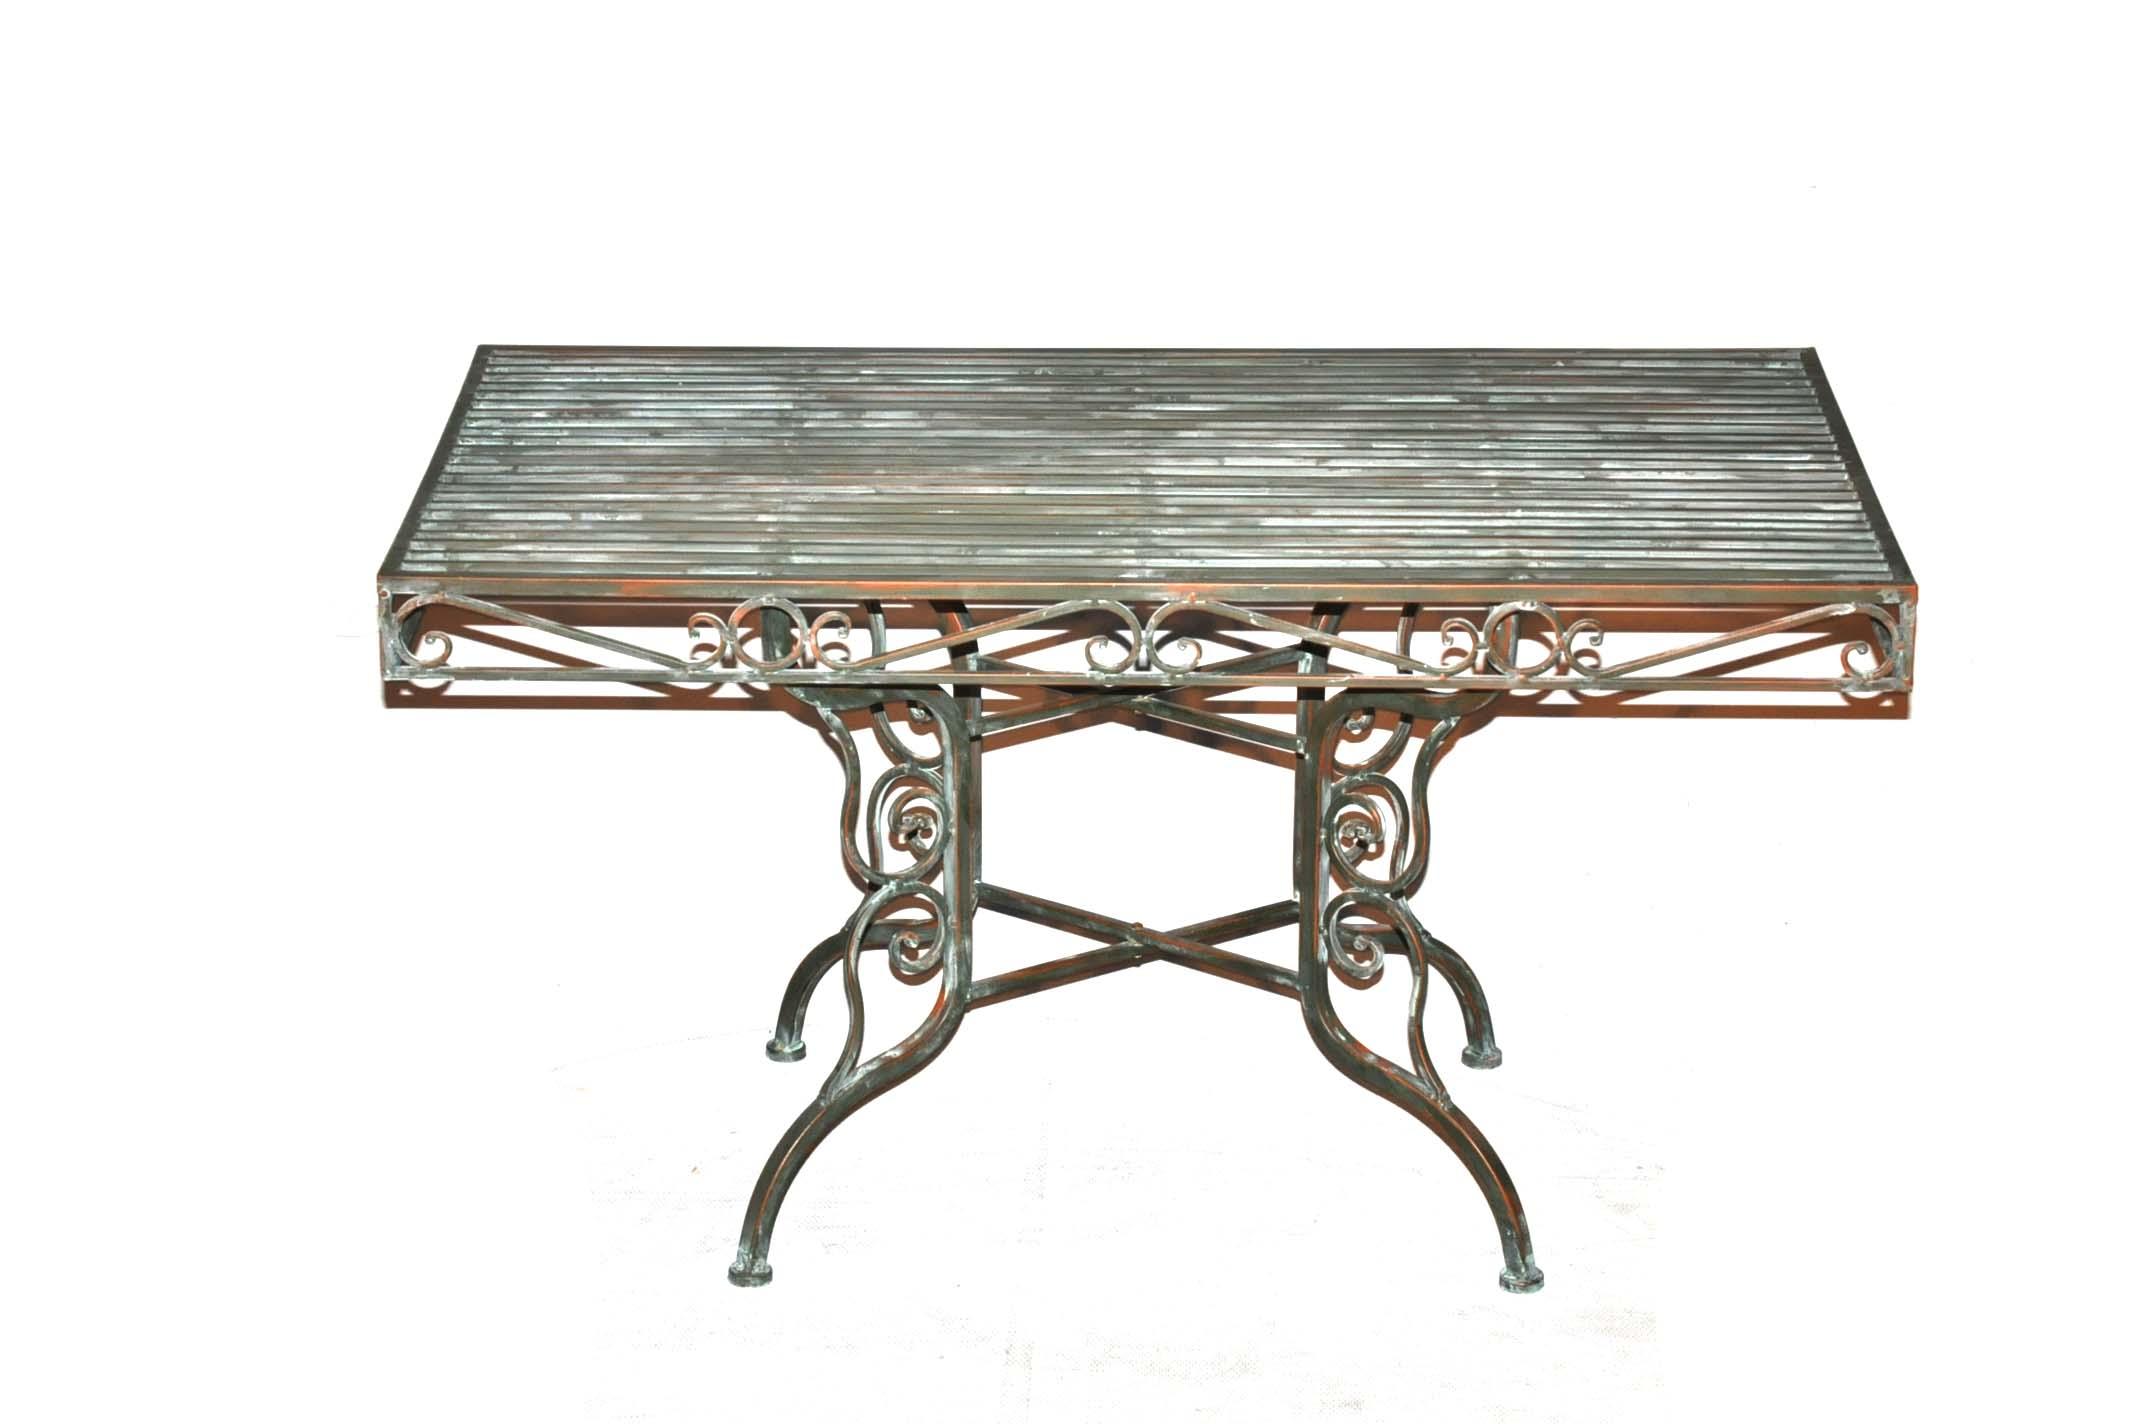 Luxus table basse fer forg id es de conception de table for Demeure et jardin